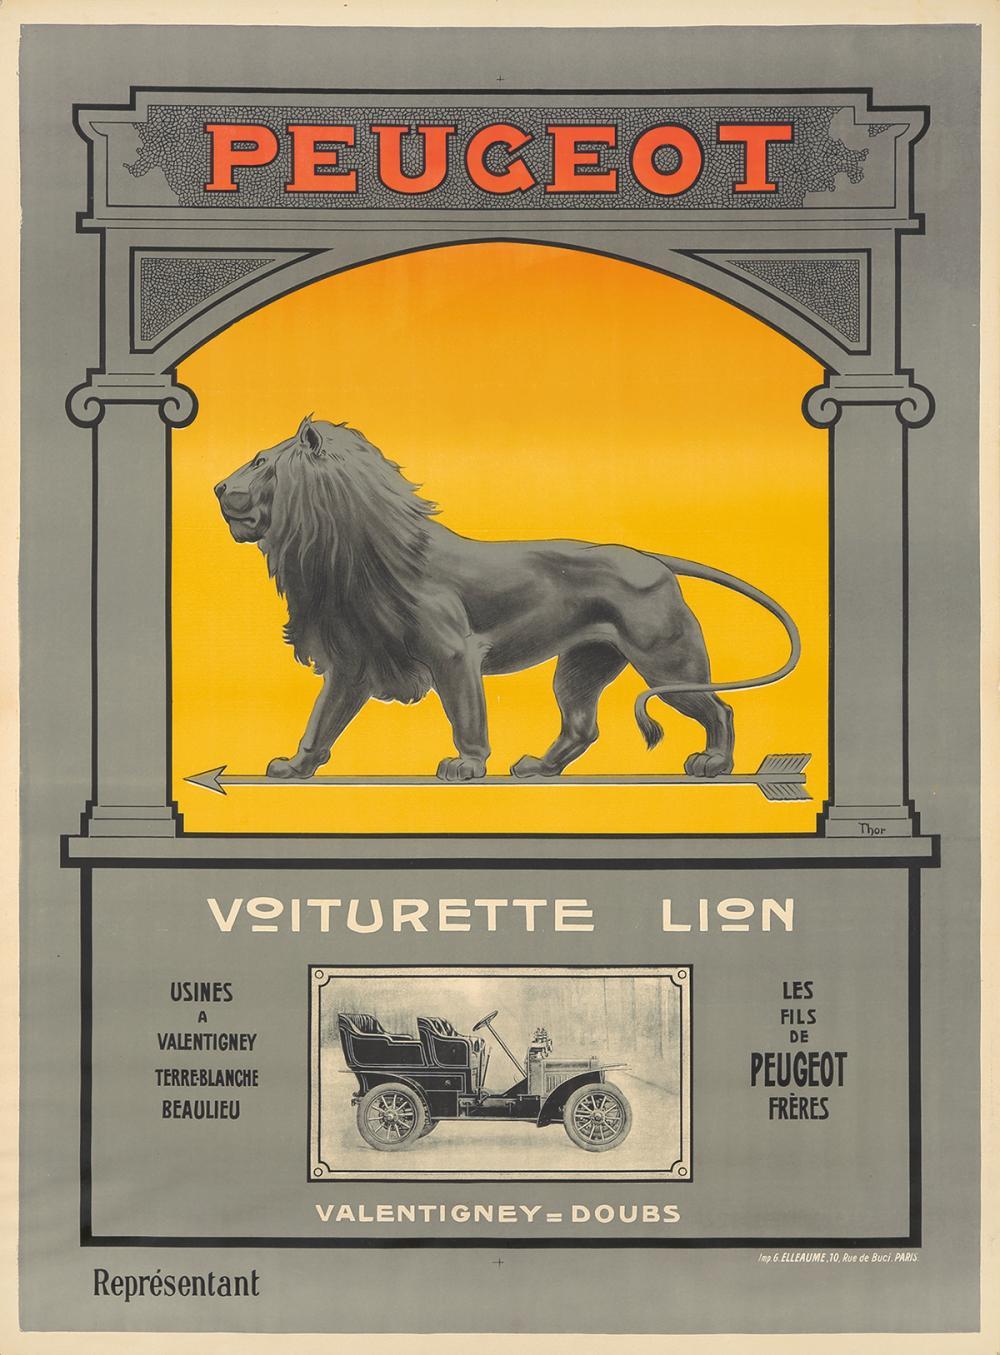 Peugeot / Voiturette Lion. ca. 1910.